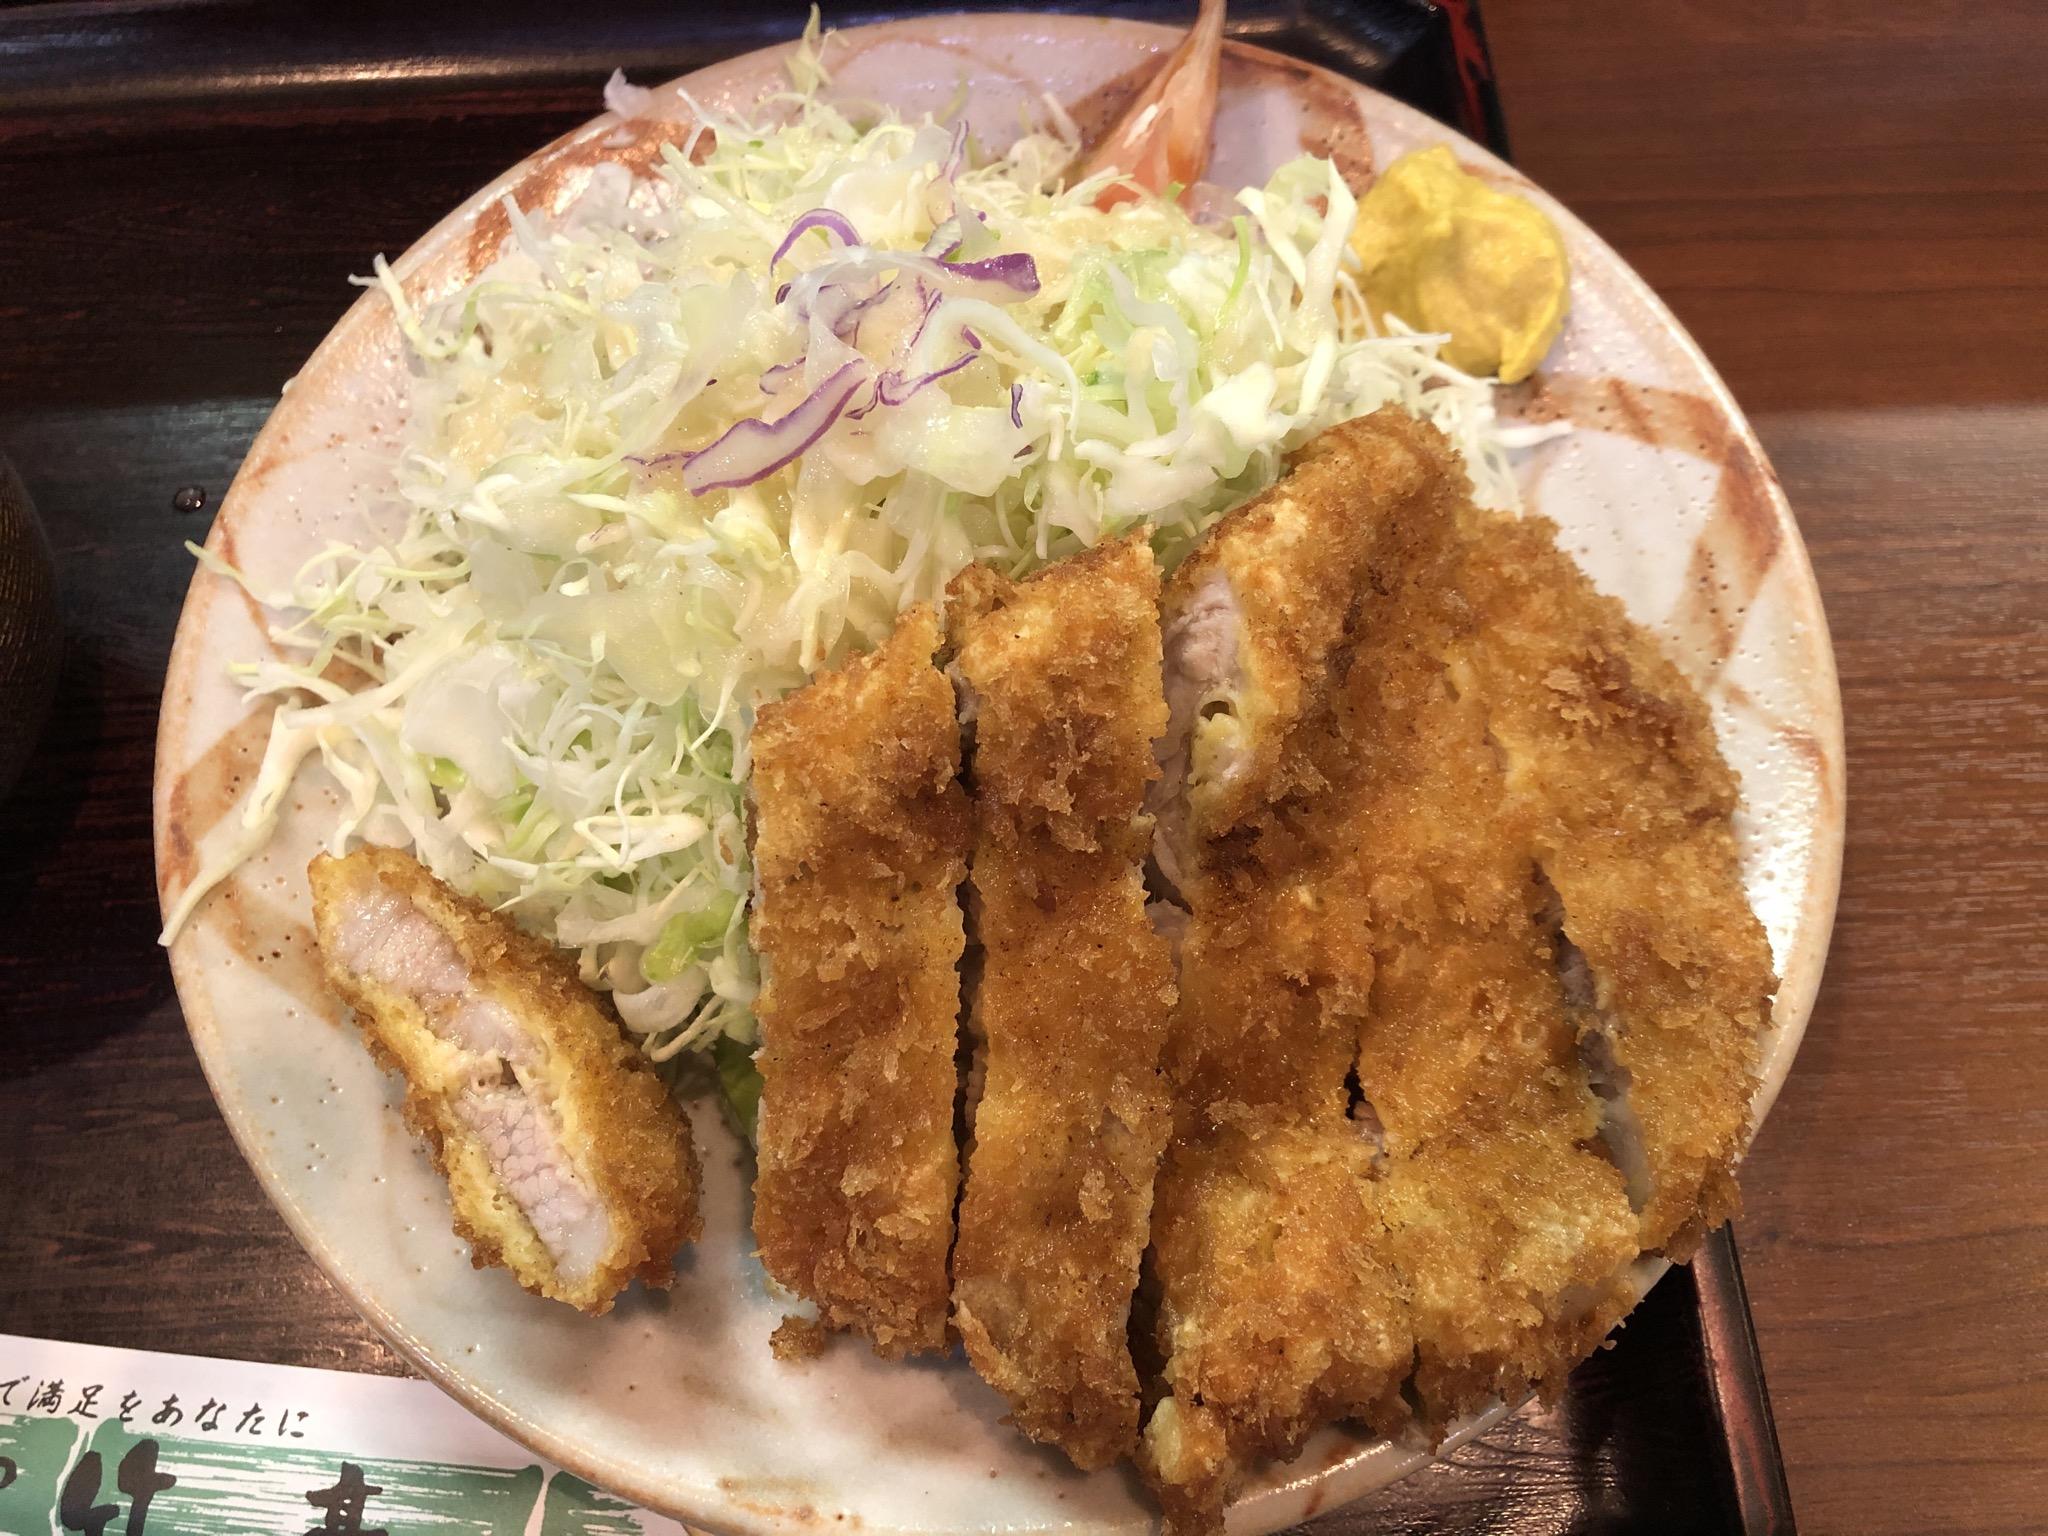 とんかつ 竹亭 田上店 豚肉生産量日本一! 鹿児島県内はとんかつの名店ぞろい!! イメージ画像